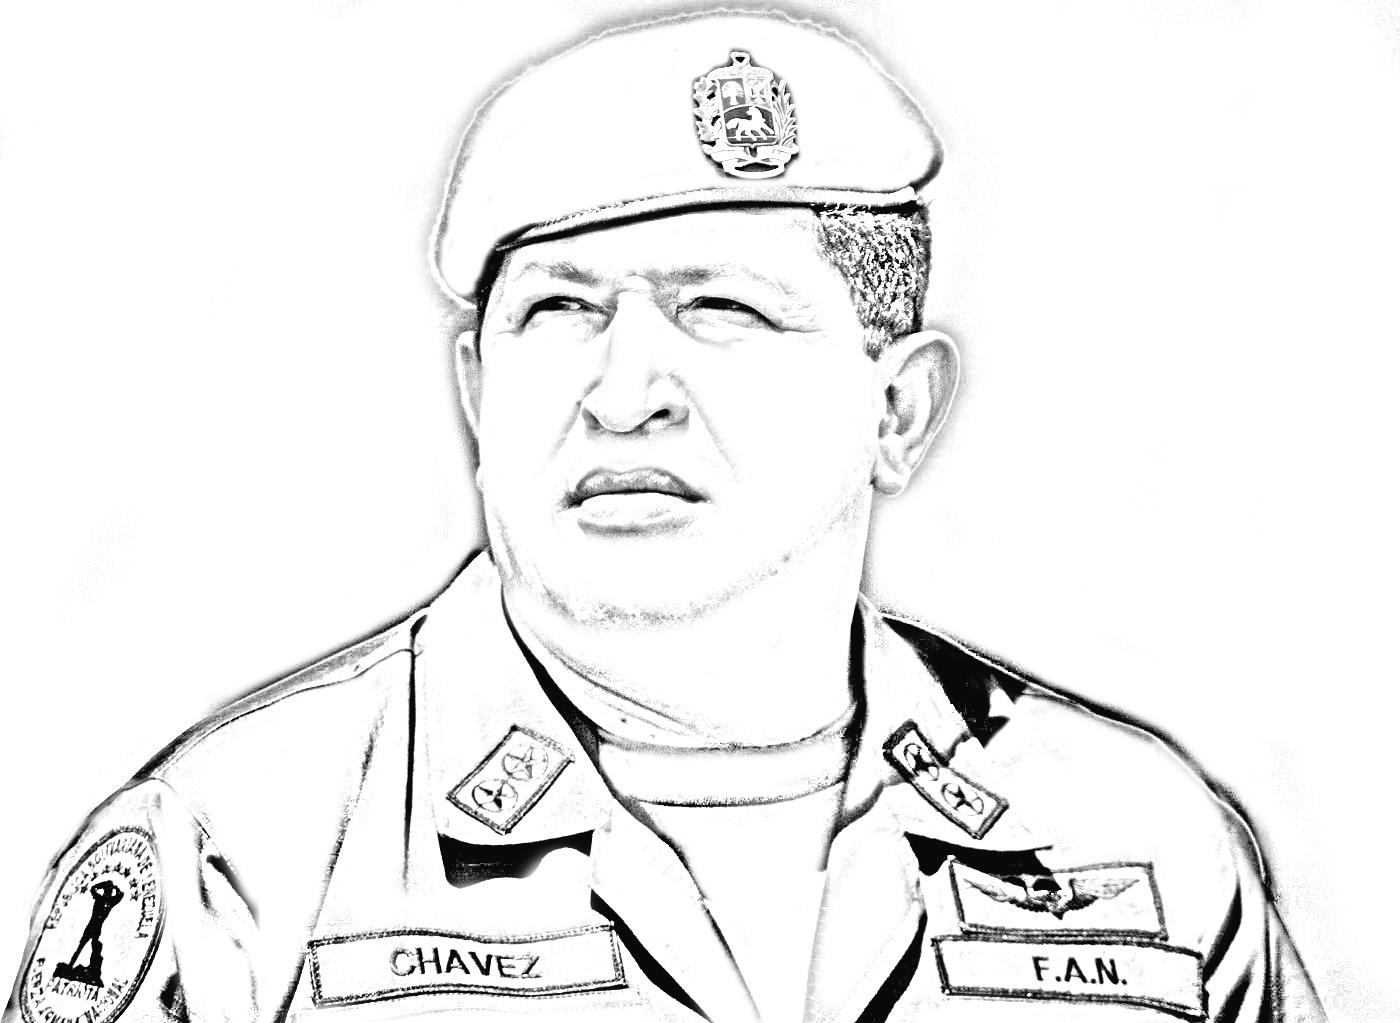 Imagen para pintar de Chavez